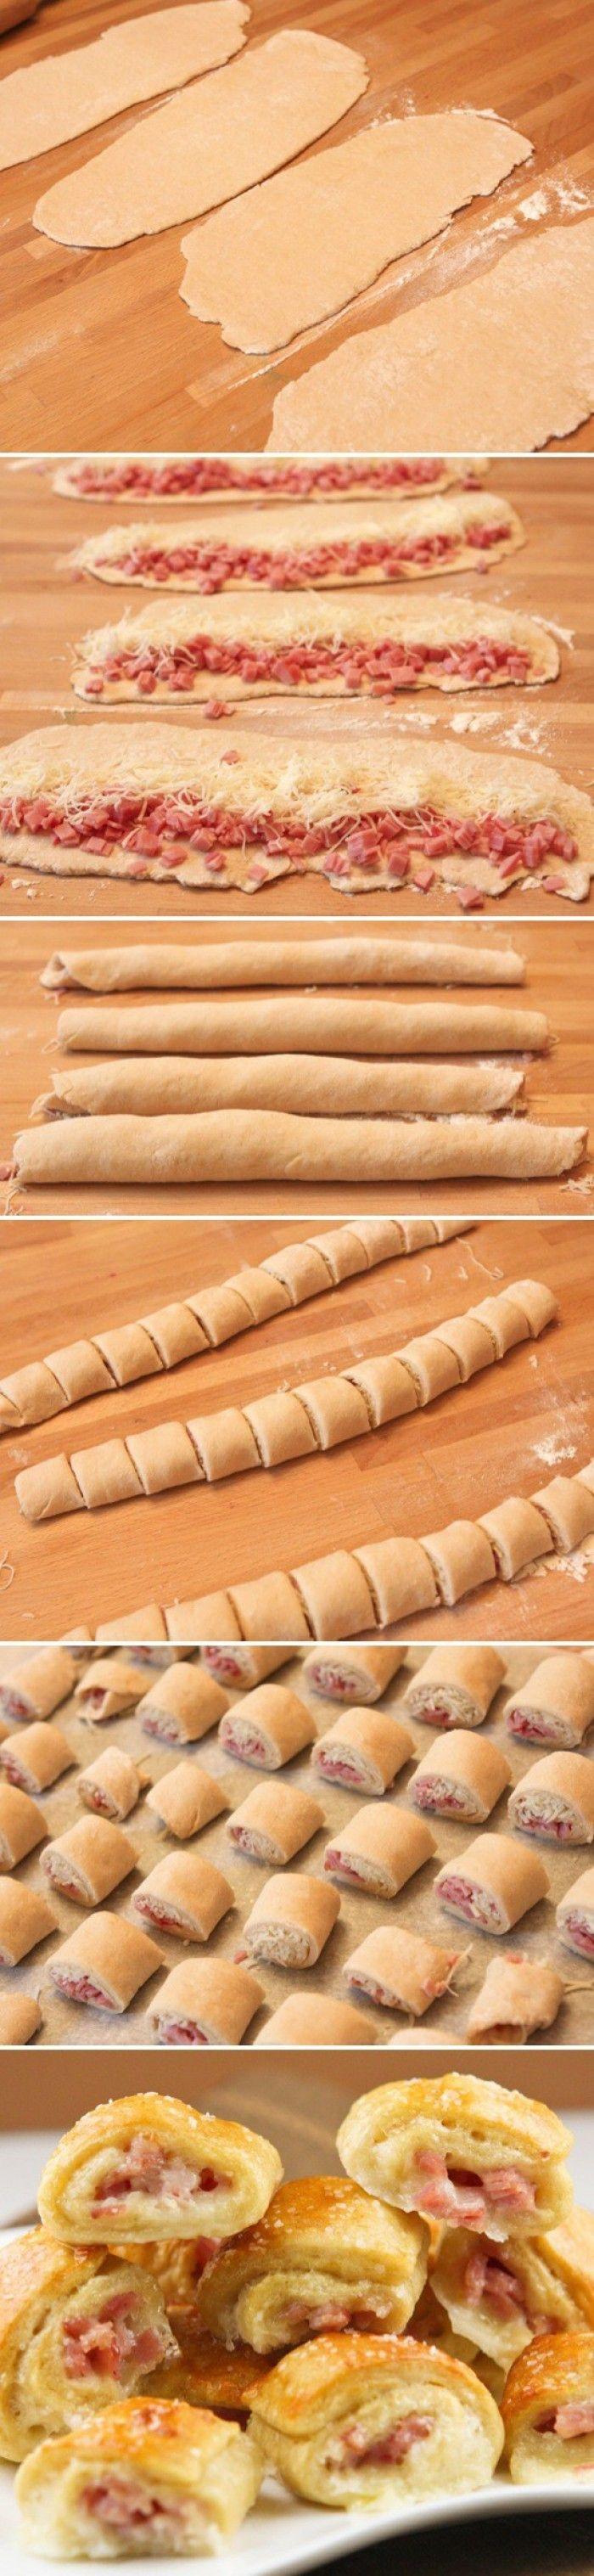 Makkelijke ham kaas rolletjes 400 g bladerdeeg, ontdooid / of koeling 50 g belegen kaas, geraspt 4 plakken gekookte hem, in reepjes 6 kerstomaatjes, in plakjes Bereiden Verwarm oven voor op 190 graden. Maak een rechthoek van de plakjes bladerdeeg, naden goed vastplakken ! of gebruik rolletje vers bladerdeeg uit de koeling en rol dat wat groter. Strooi de kaas erover en leg daarop de ham en de tomaat. Rol de rechthoek bladerdeeg op tot een soort worstvorm. Airfryer 20 minuten op 180graden